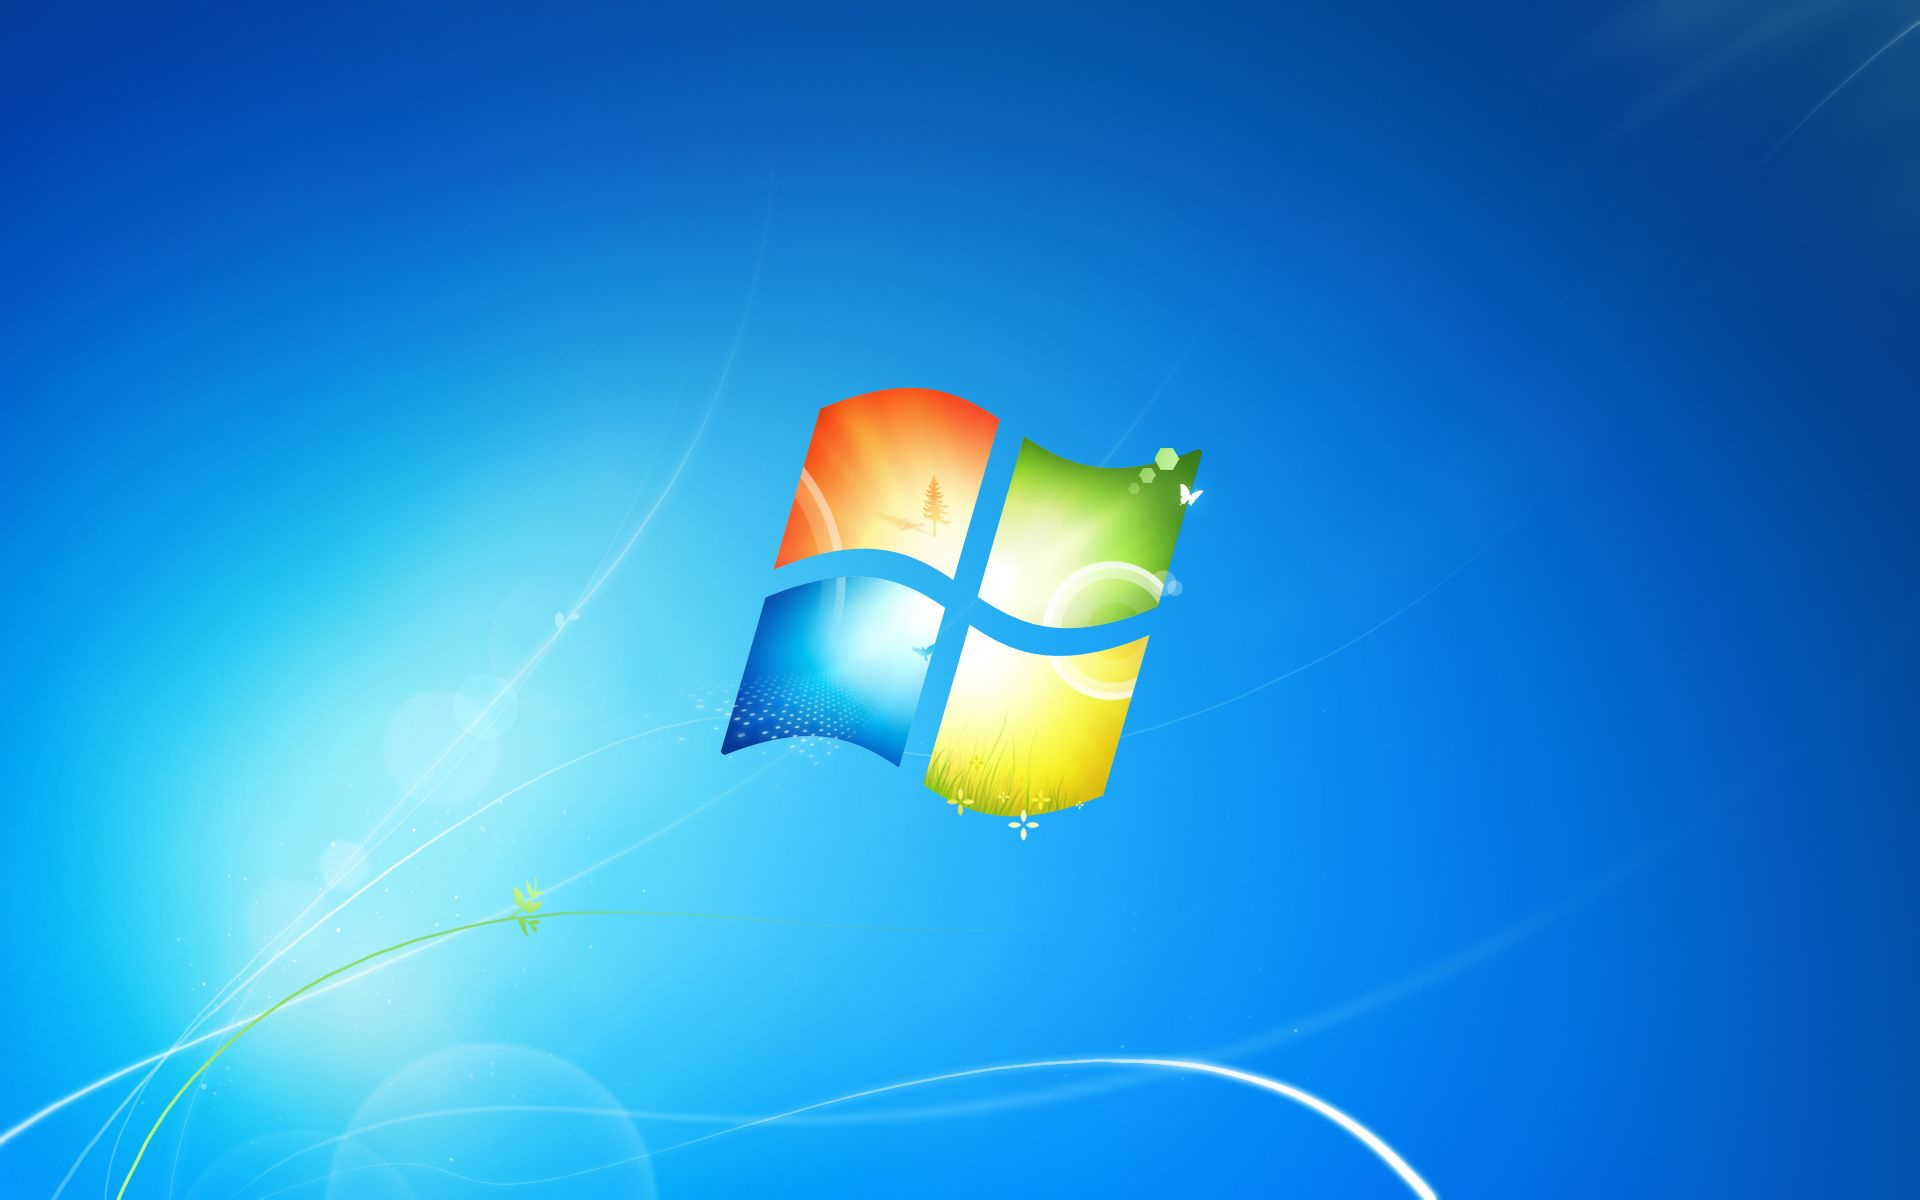 请问win7安装完成以后,系统默认的主题,主要是桌面图片在哪里可以下载图片